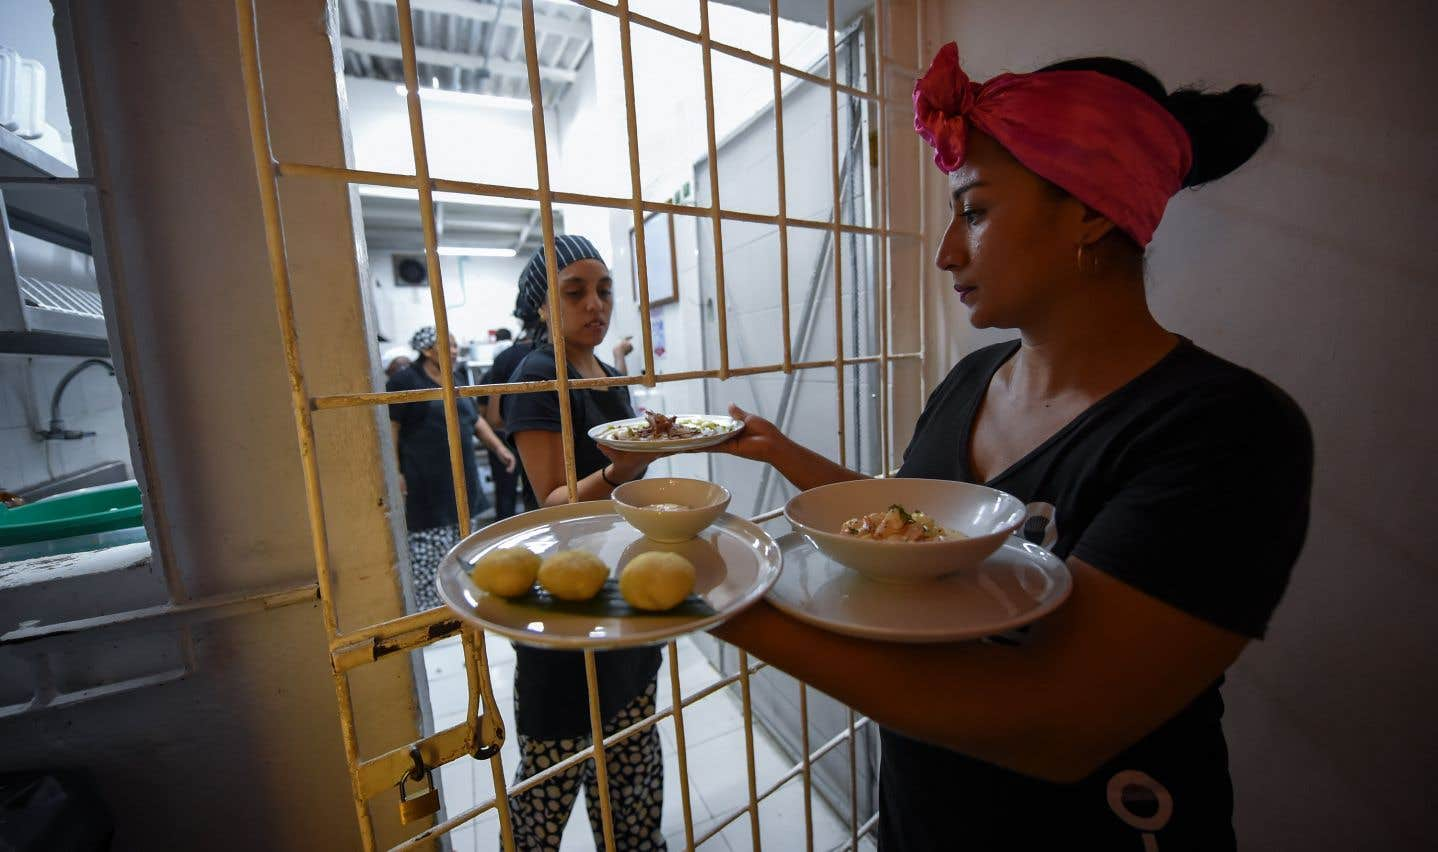 L'Interno constitue une occasion de formation et de réinsertion pour les prisonniers, dans un pays qui compte la plus importante population carcérale d'Amérique du Sud après le Brésil.